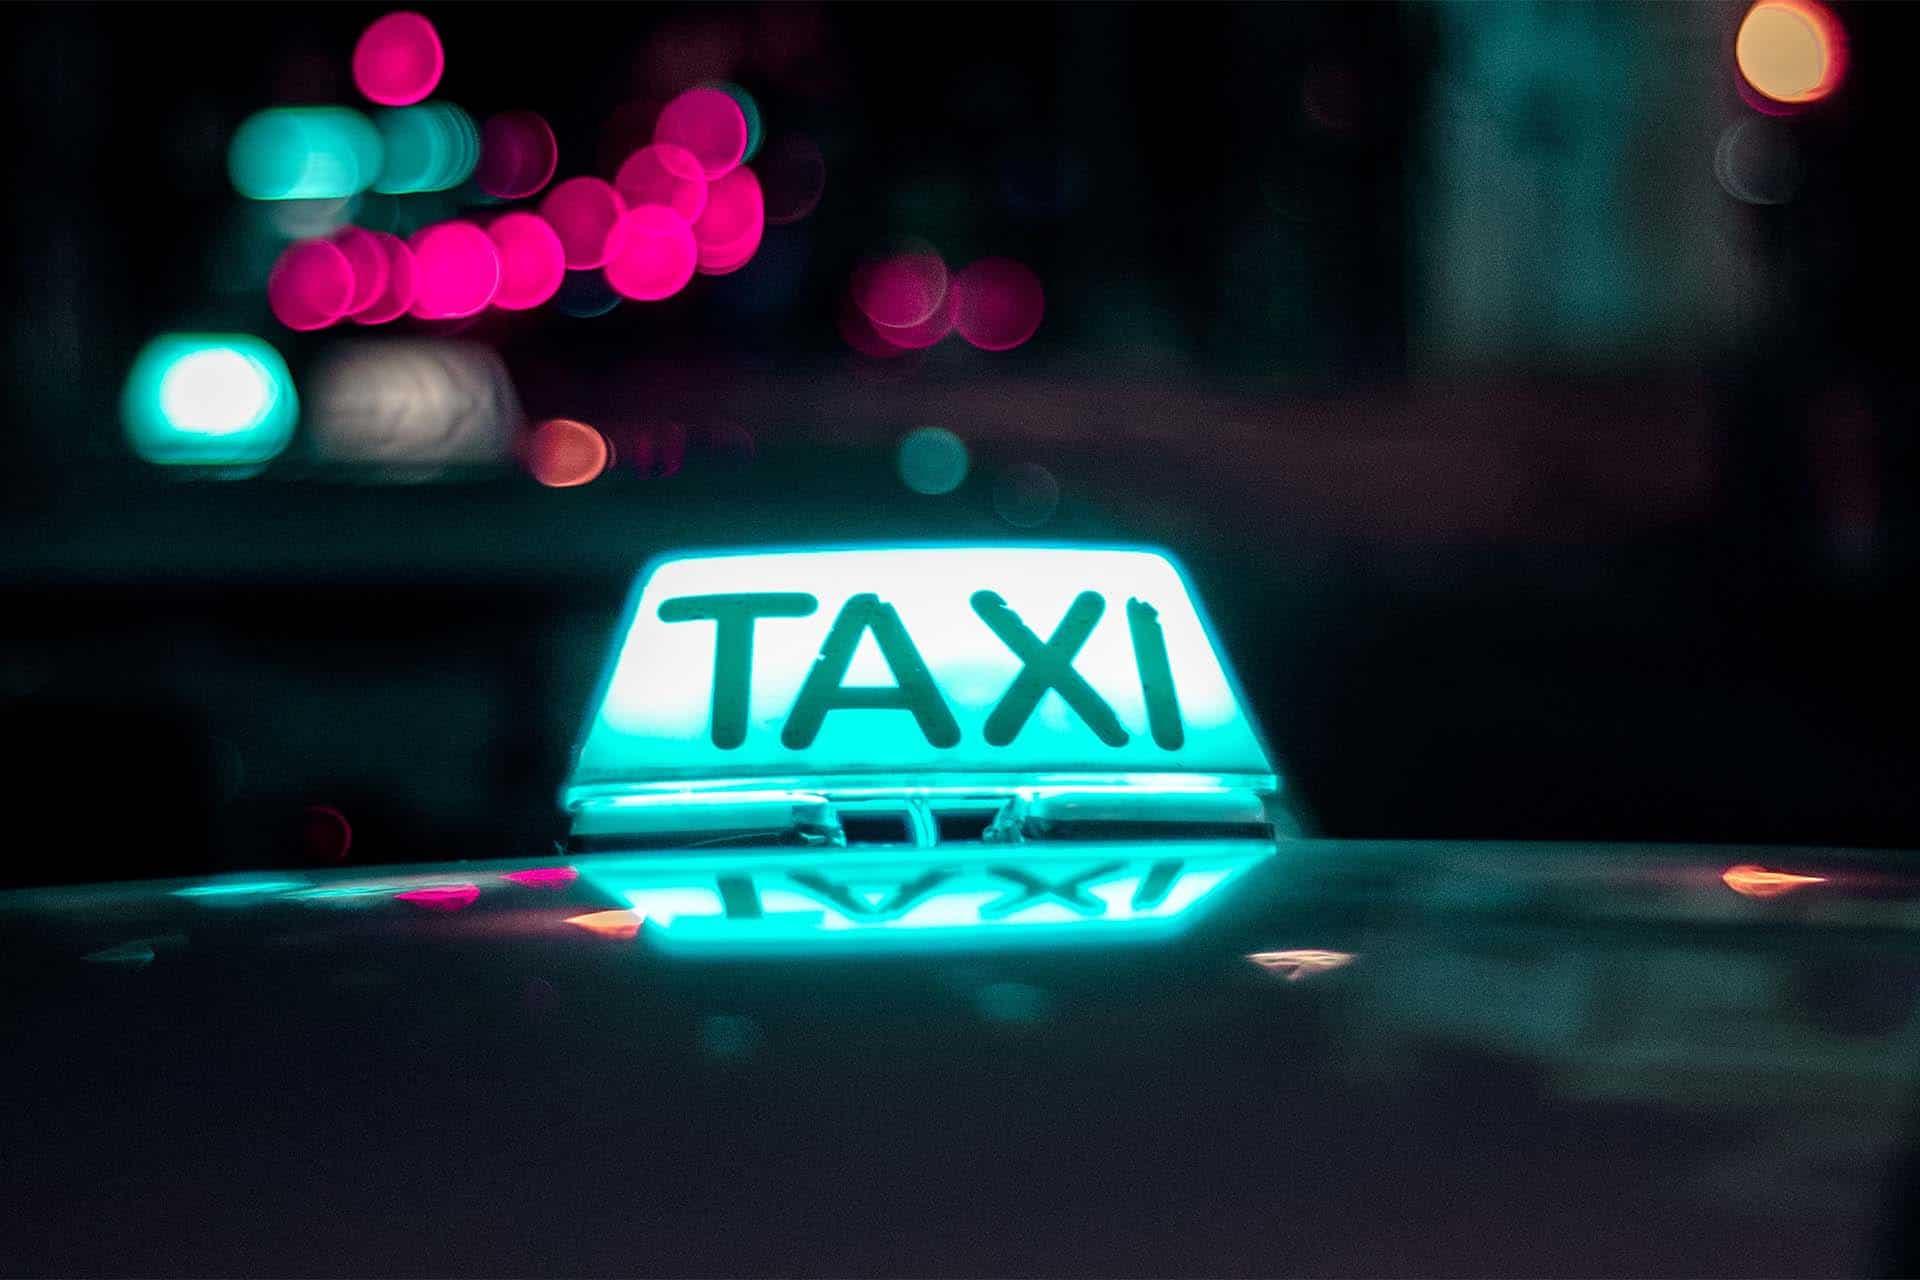 Taxi fahren - ein gutes Beispiel für Service